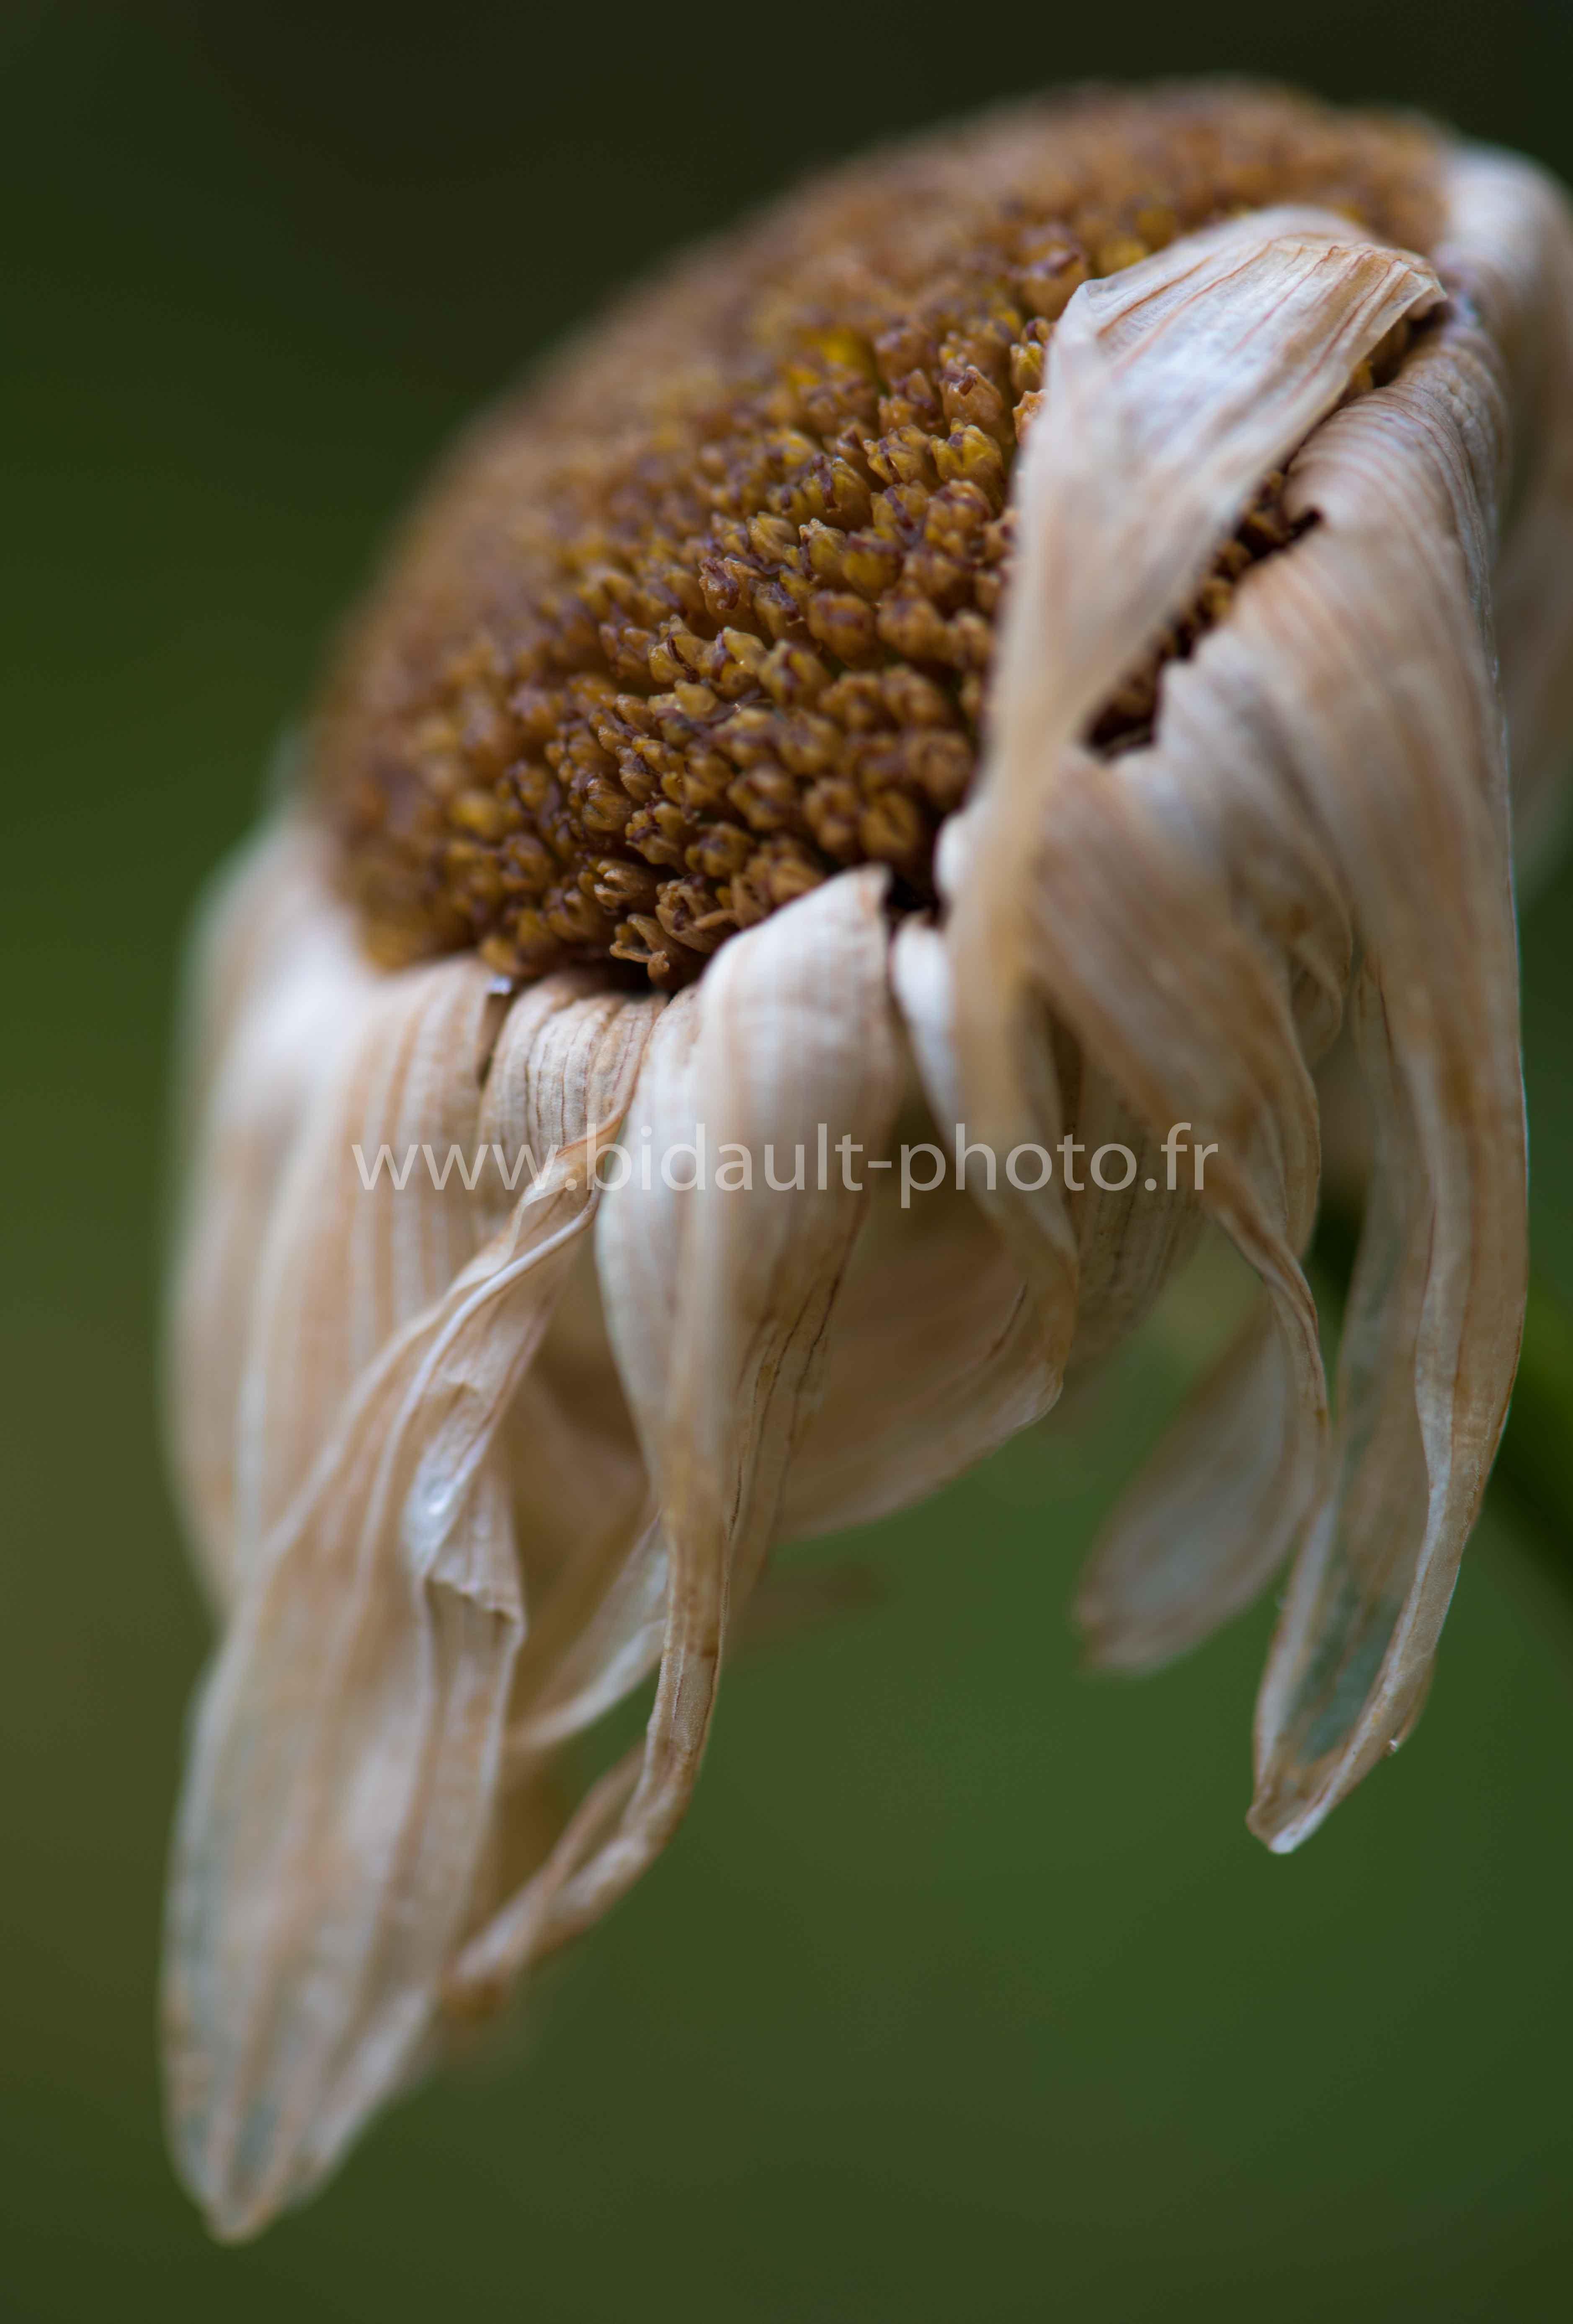 fleur fanée photo V. Bidault